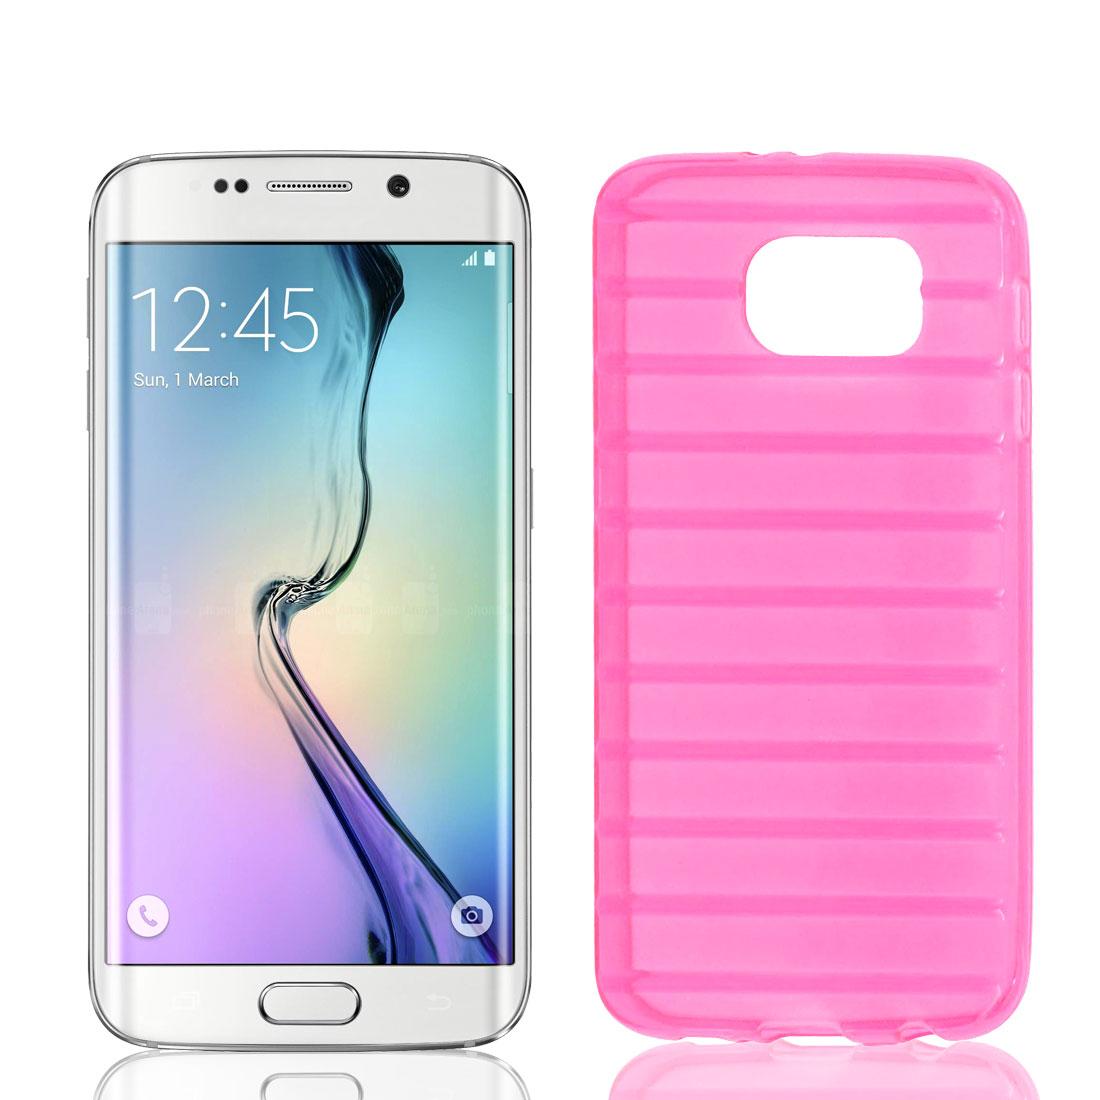 TPU Slim Ladder Design Stripe Bumper Cover Case Skin Shell Pink for Galaxy S6